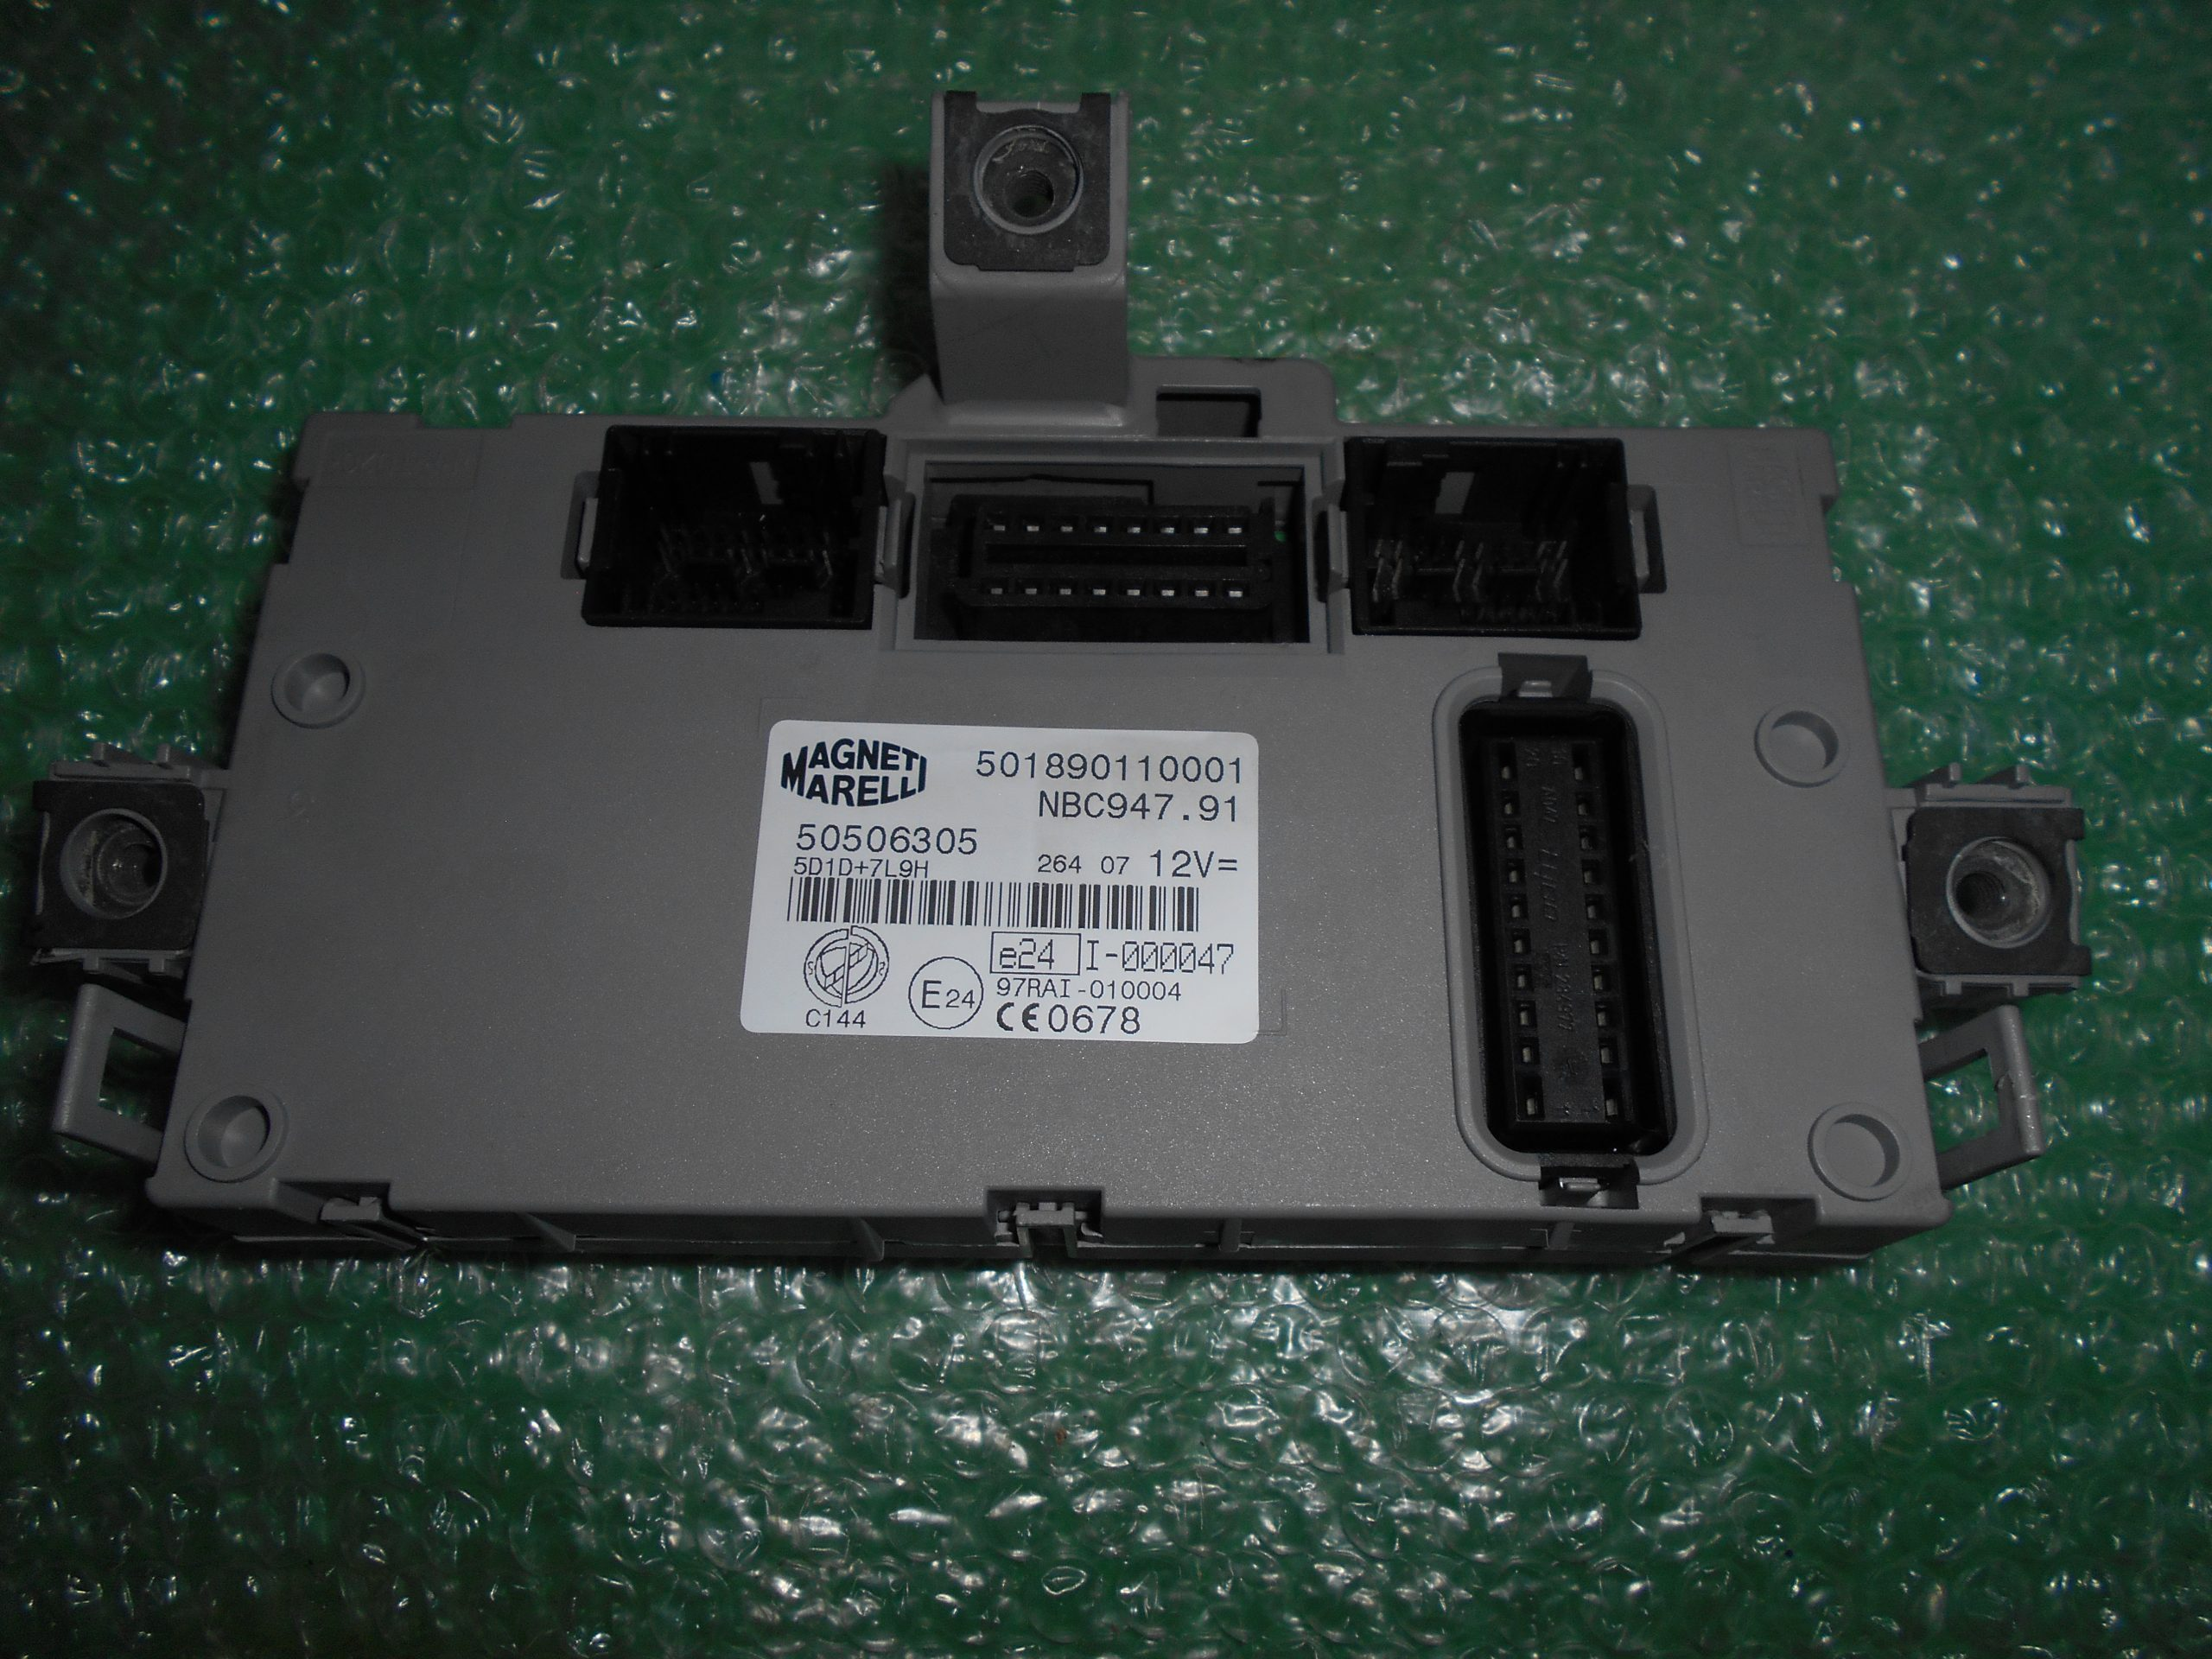 MODULO BODY COMPUTER 50506305 – MAGNETI MARELLI 501890110001 ALFA ROMEO GT (947)(2004-2010)